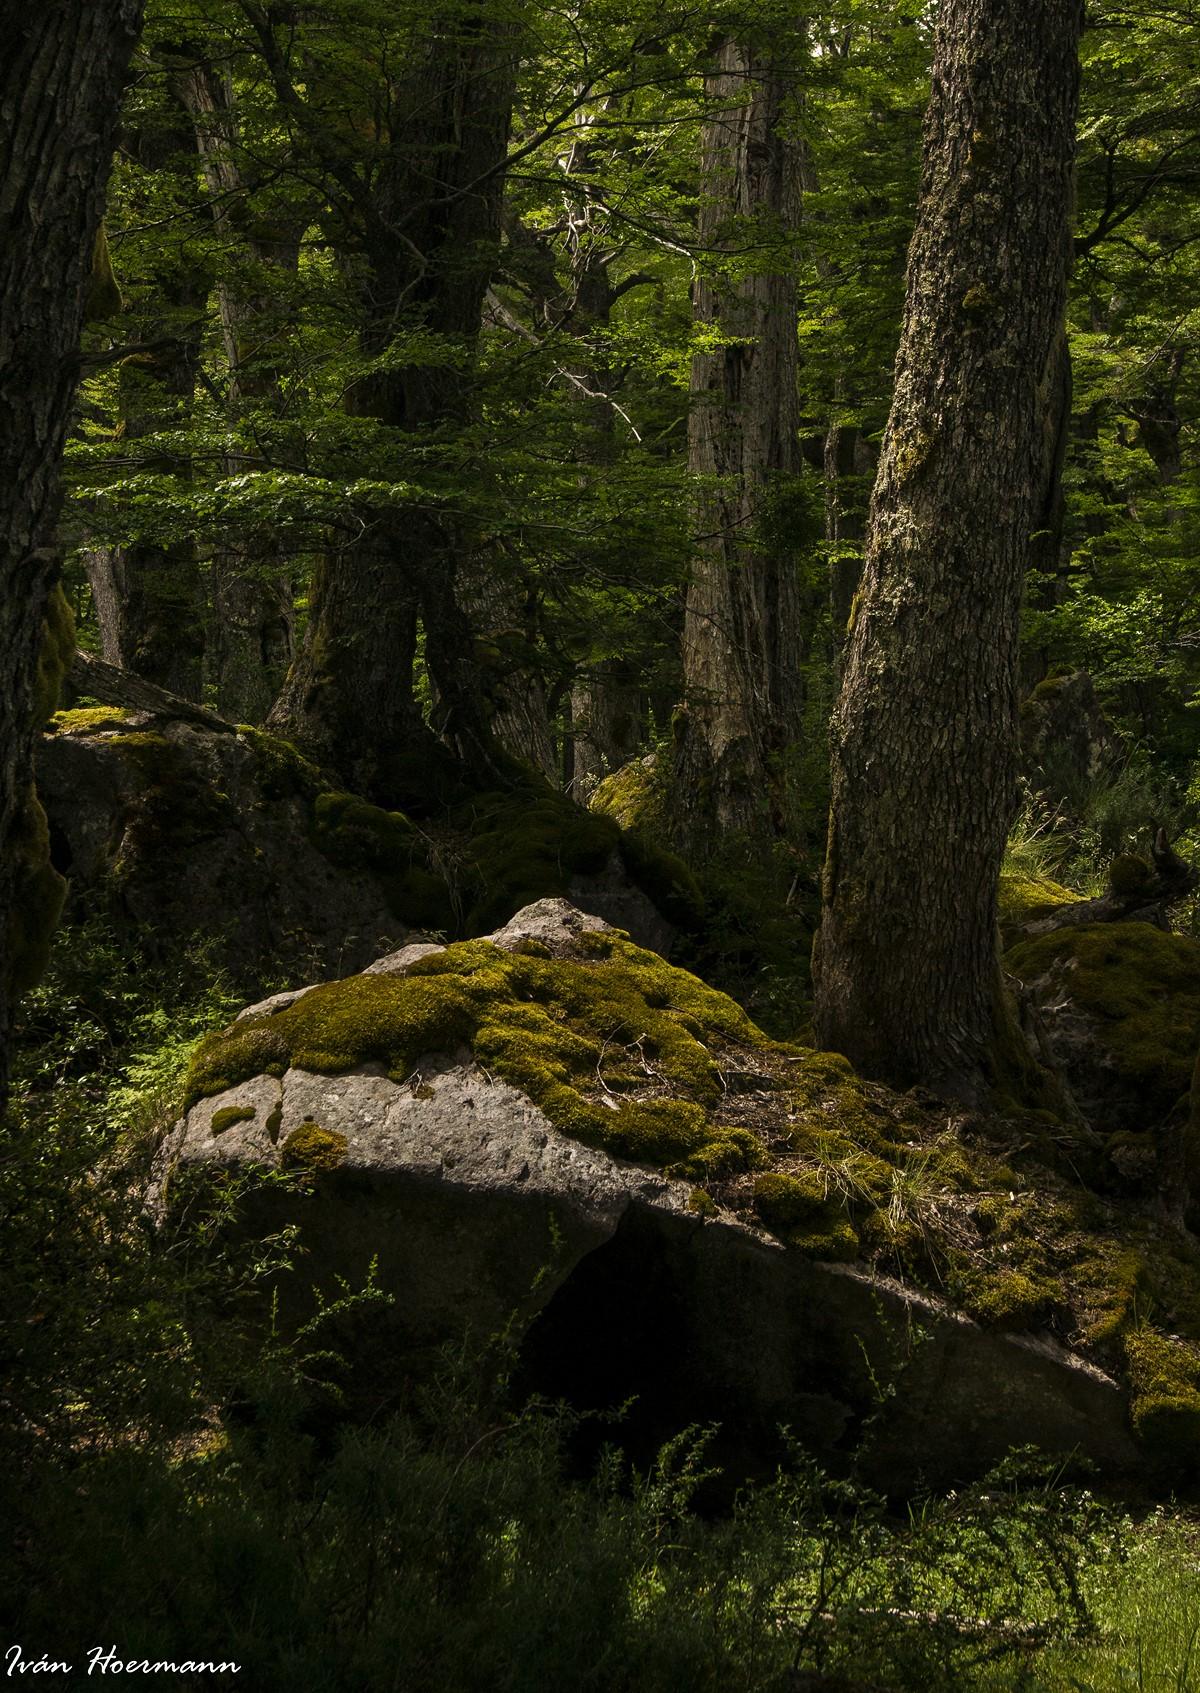 La piedra en el bosque